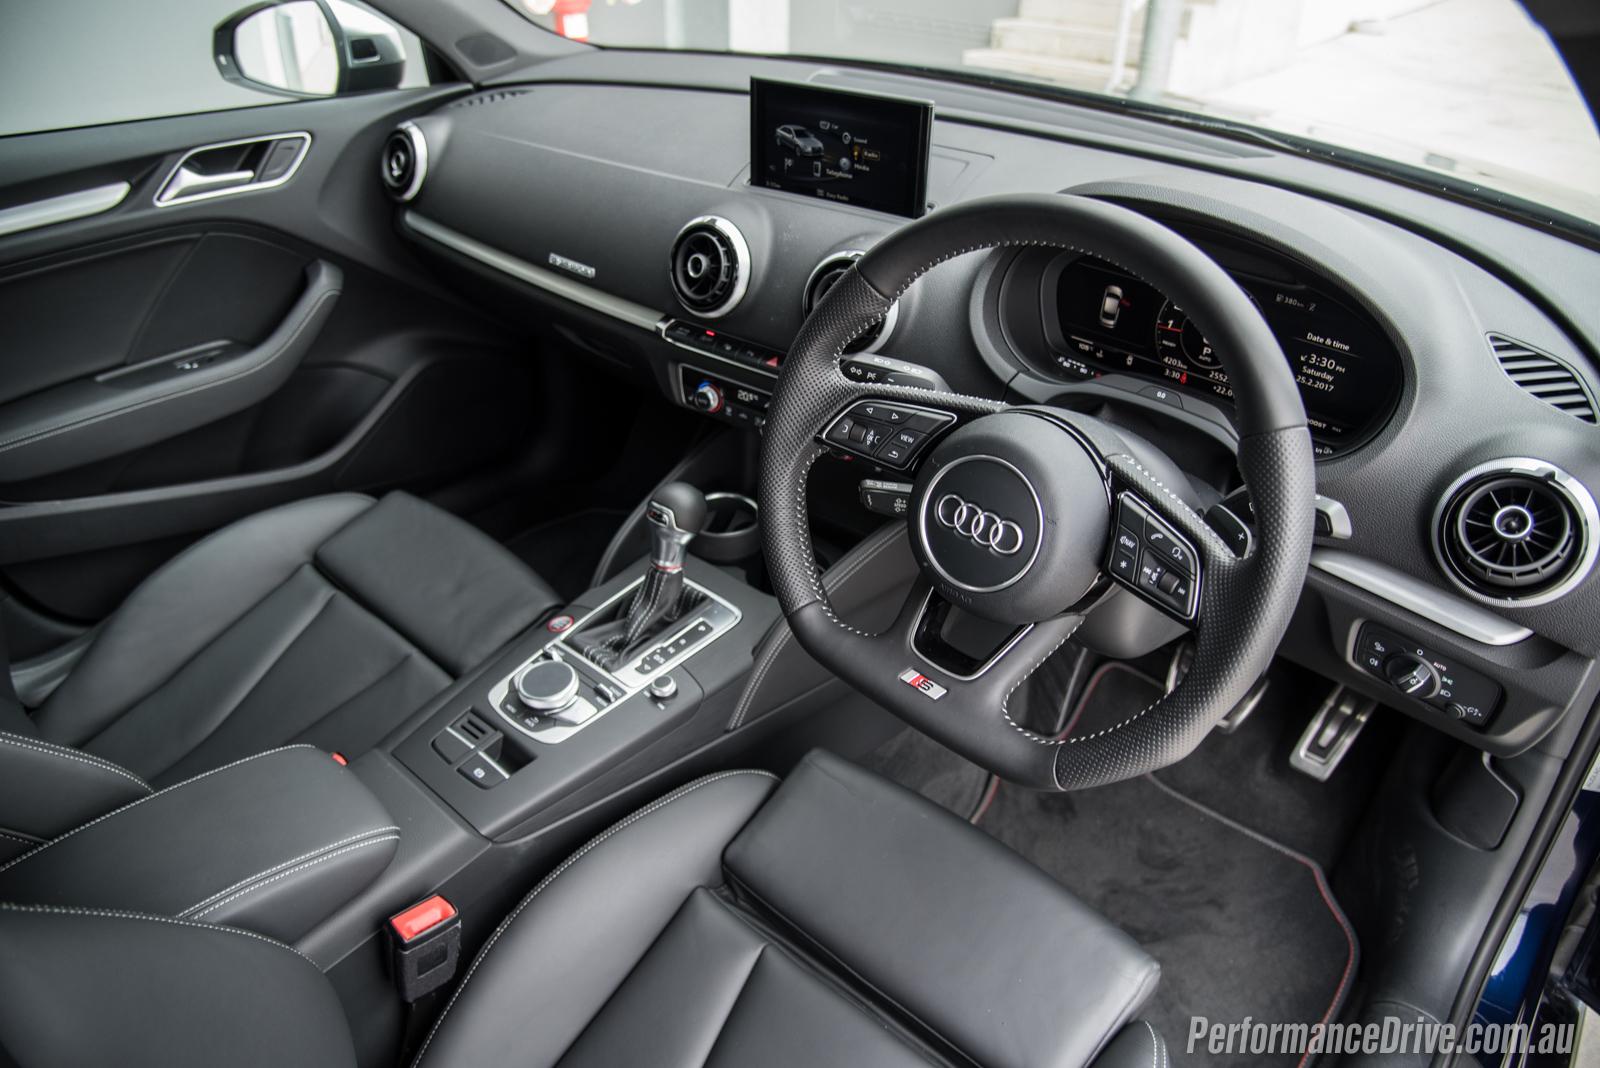 2017 Audi S3 Sedan Review Video Performancedrive